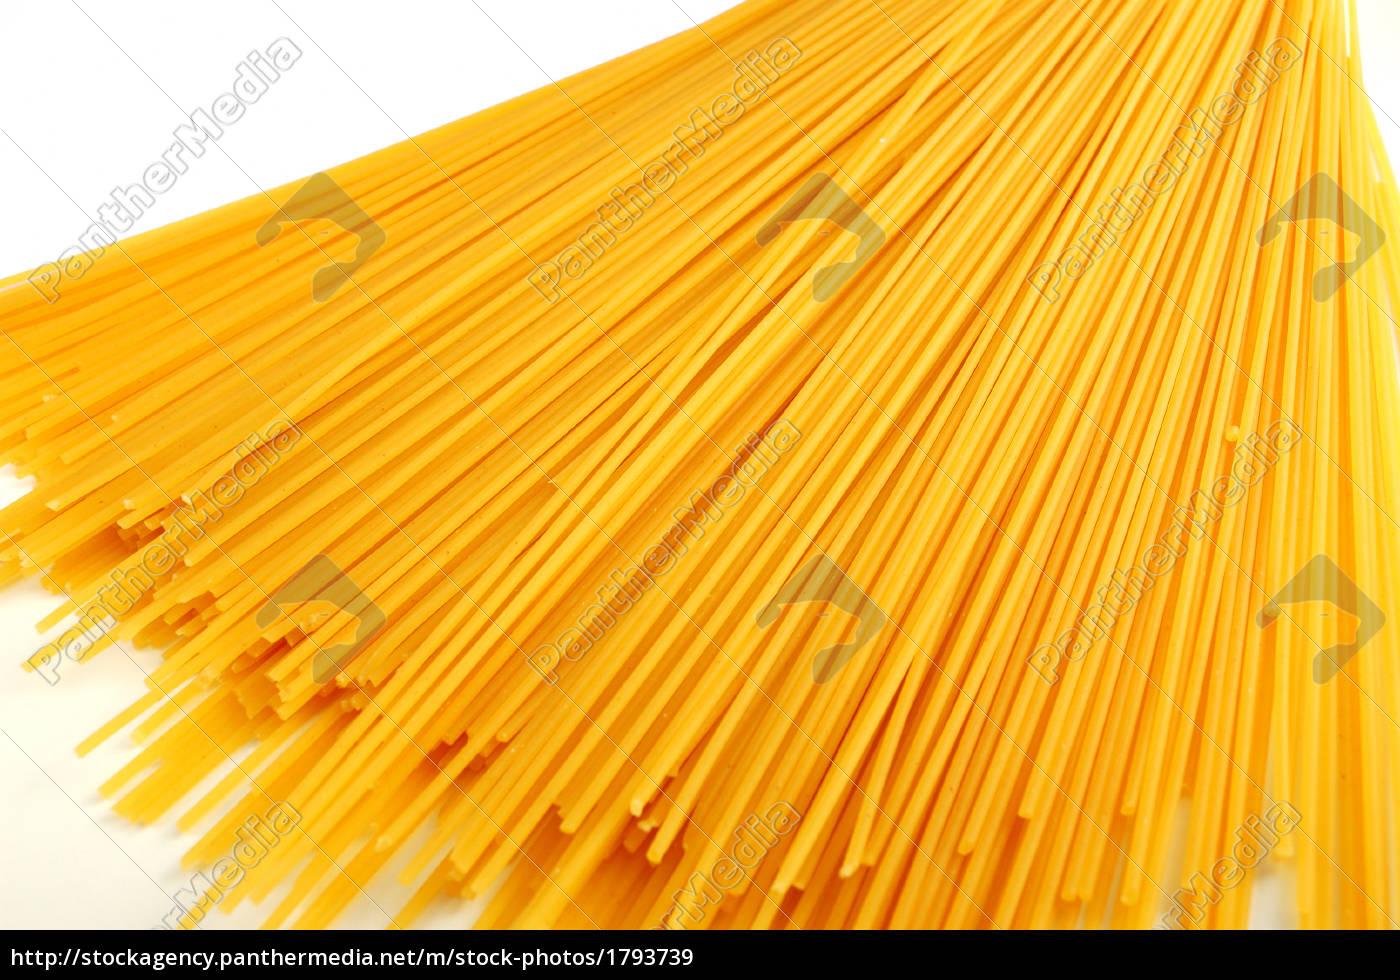 dried, spaghetti, - 1793739